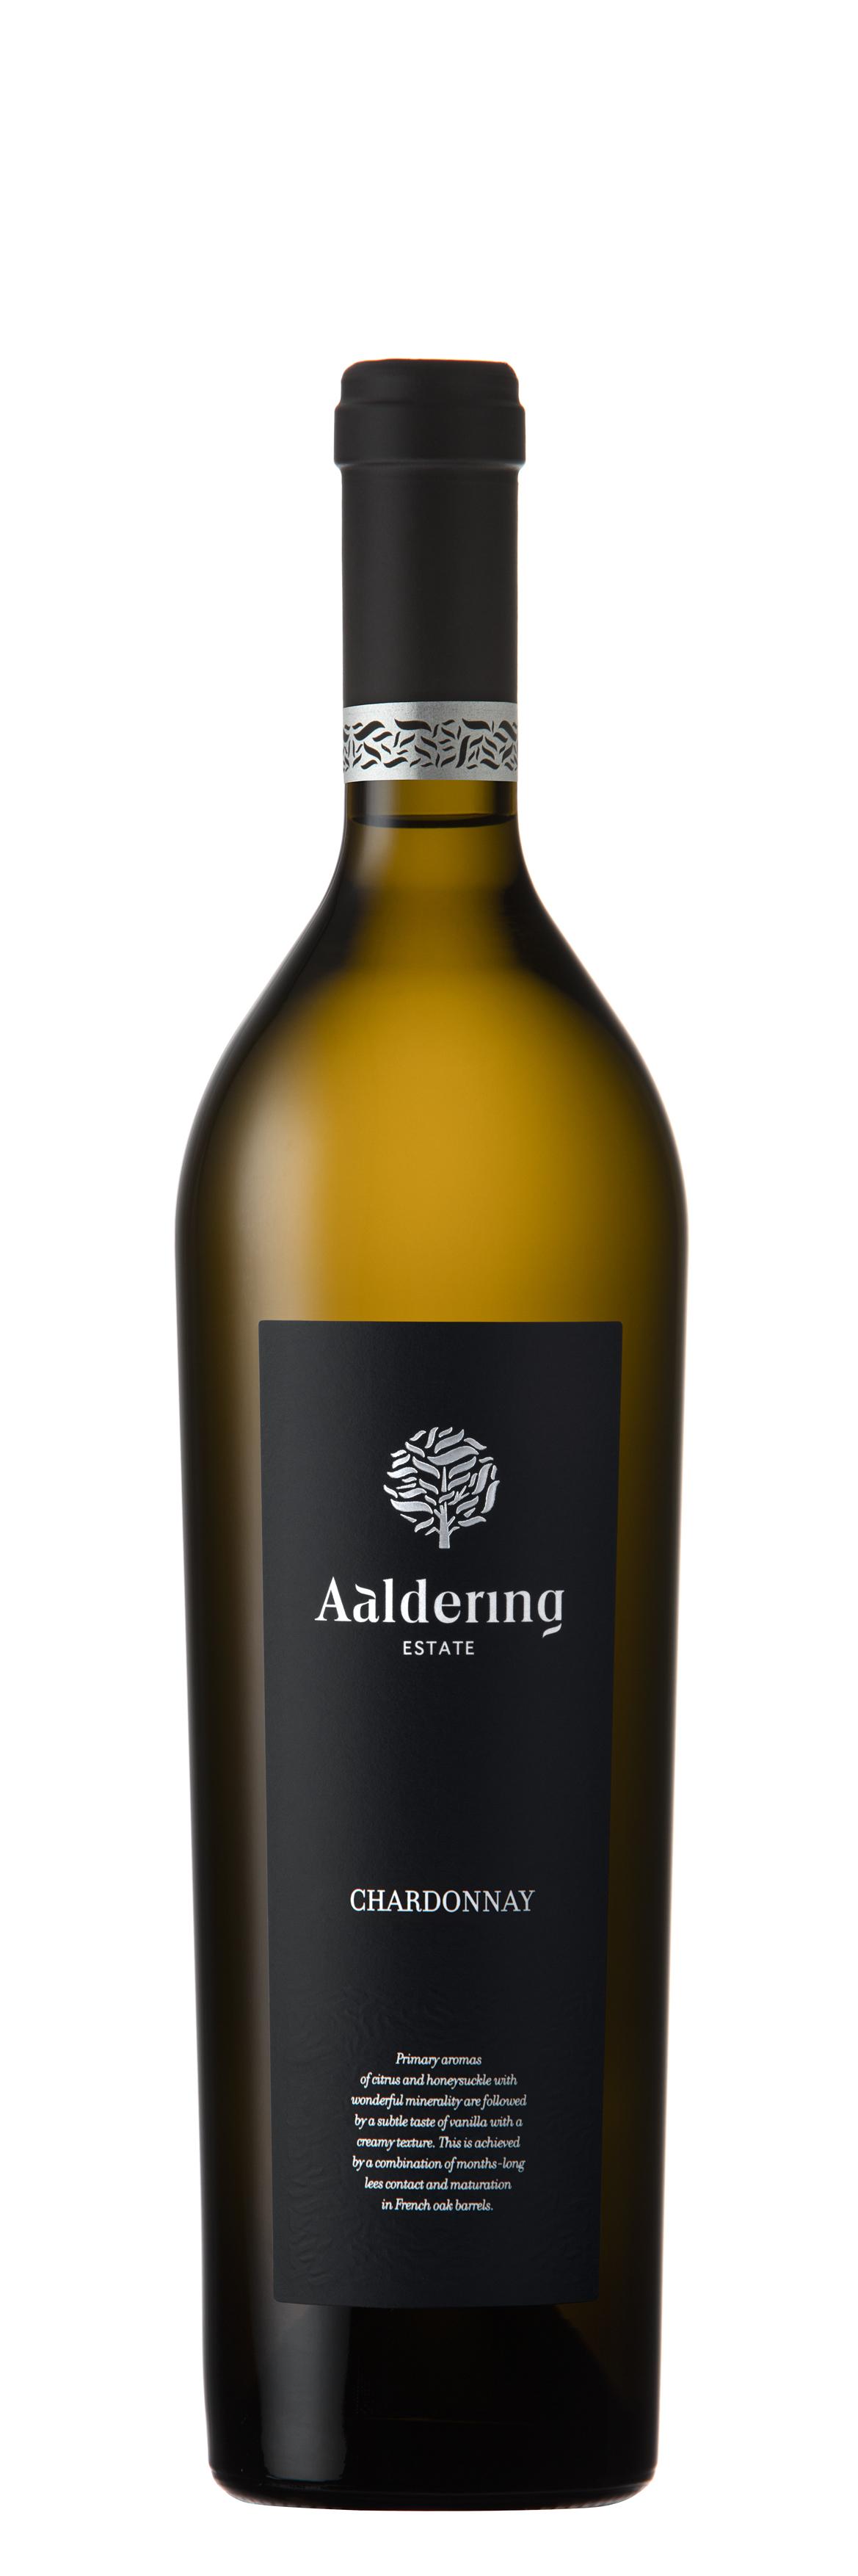 Aaldering Chardonnay 2018